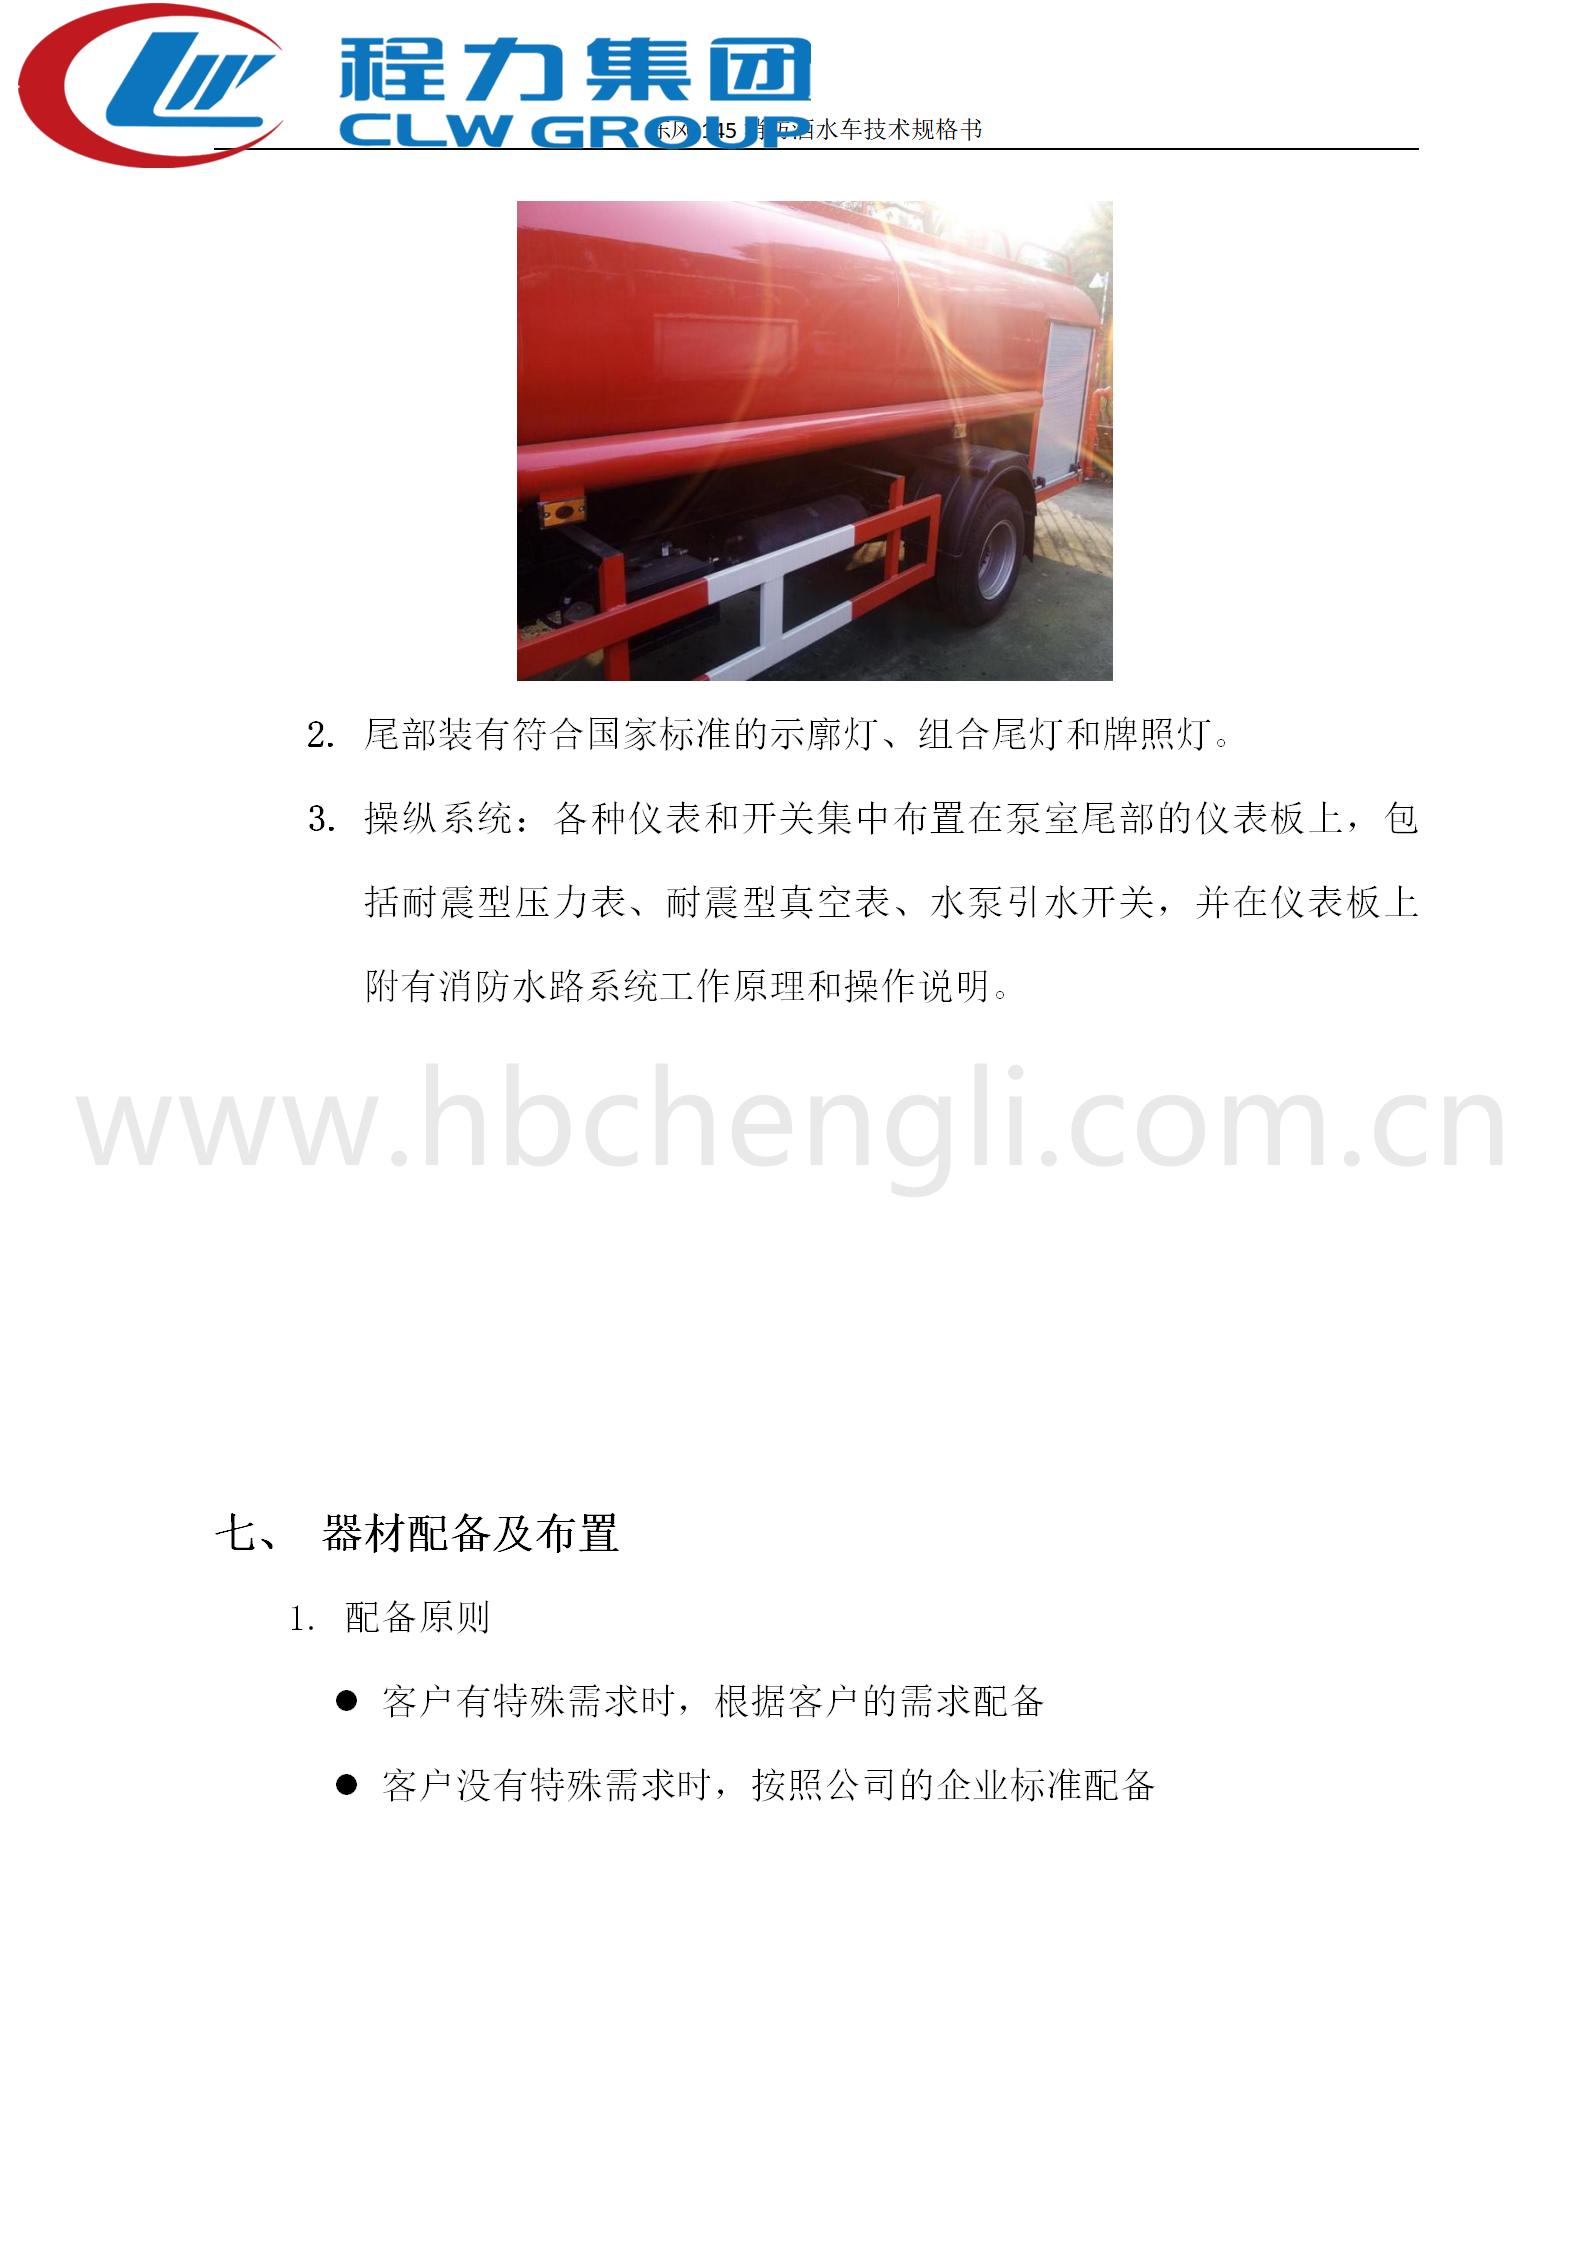 东风145简易消防车技术规格书_07_副本